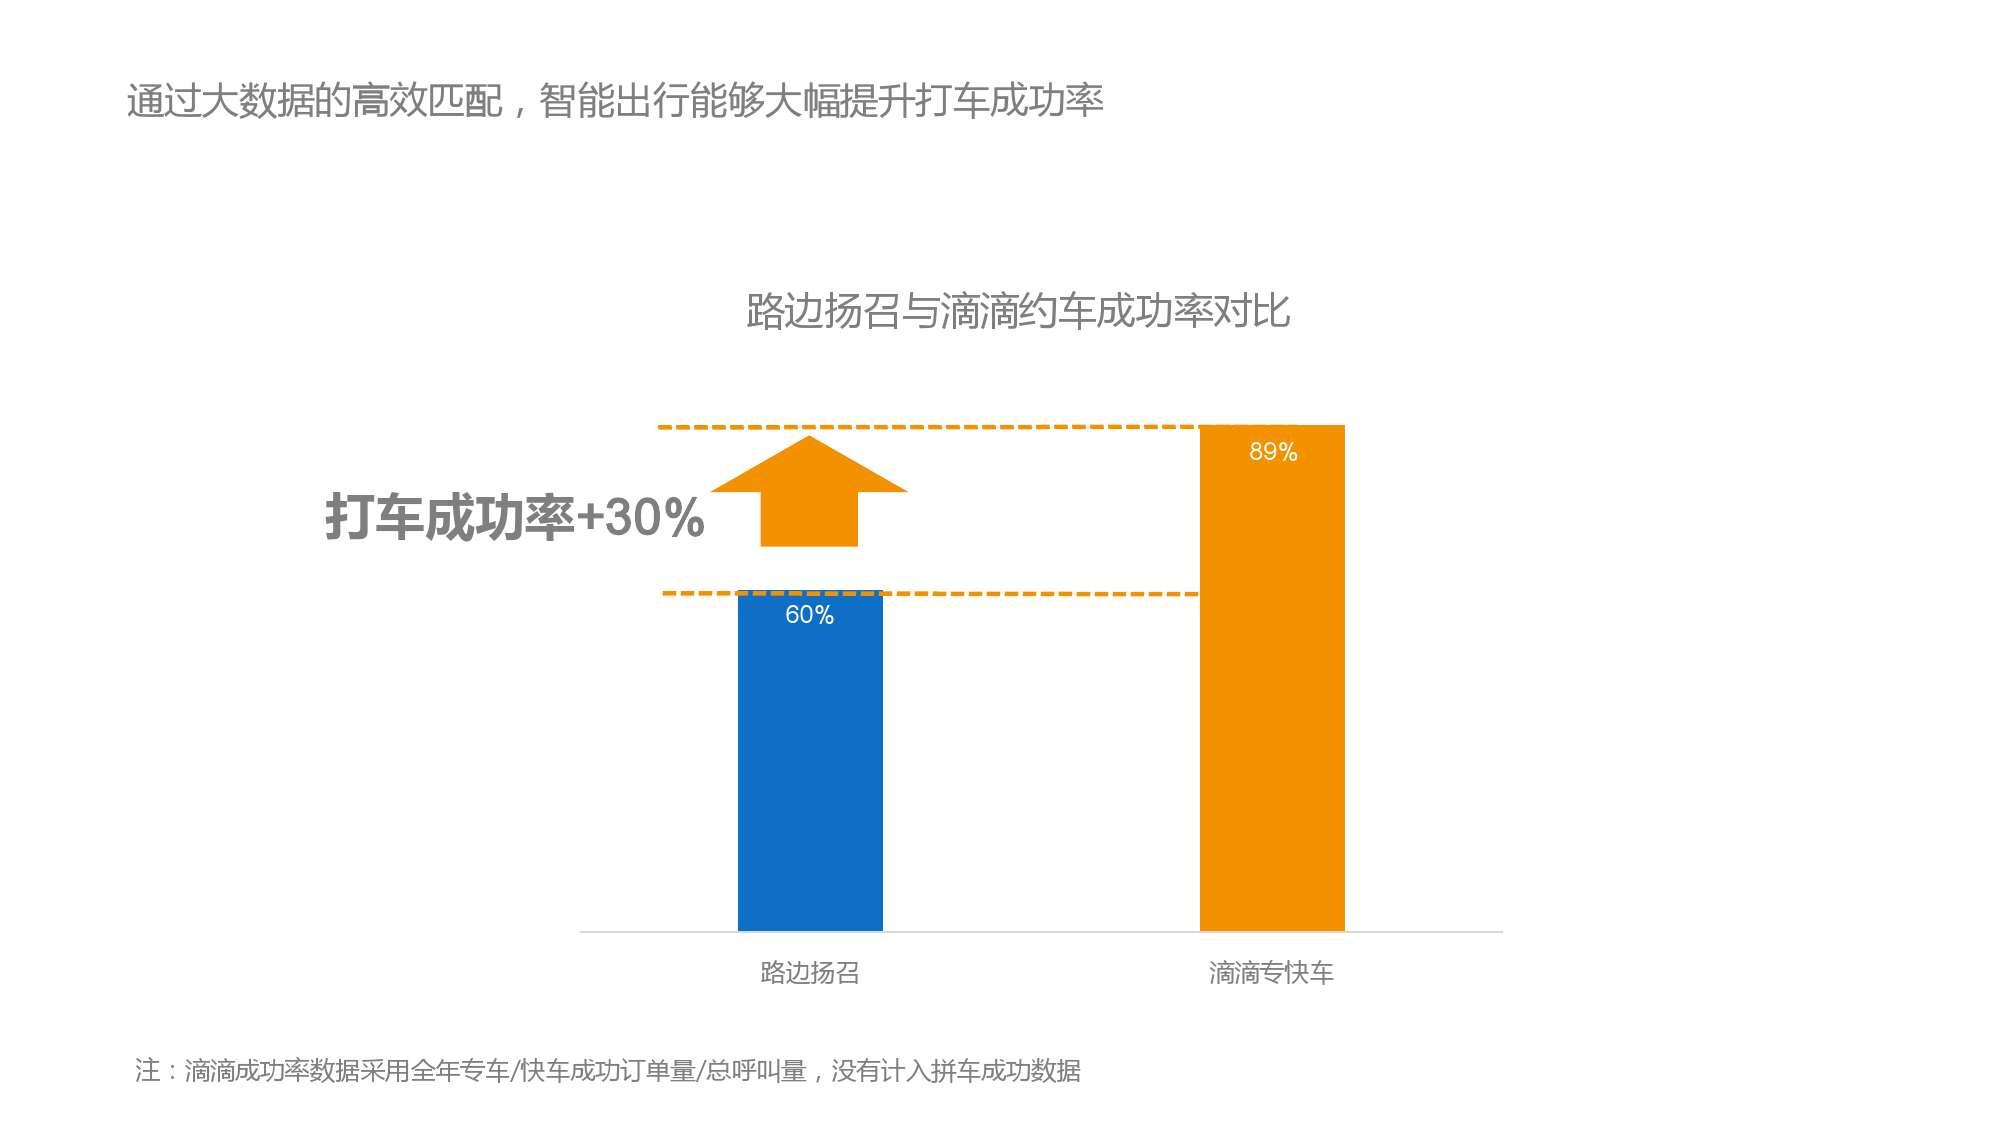 中国智能出行2015大数据报告_000036